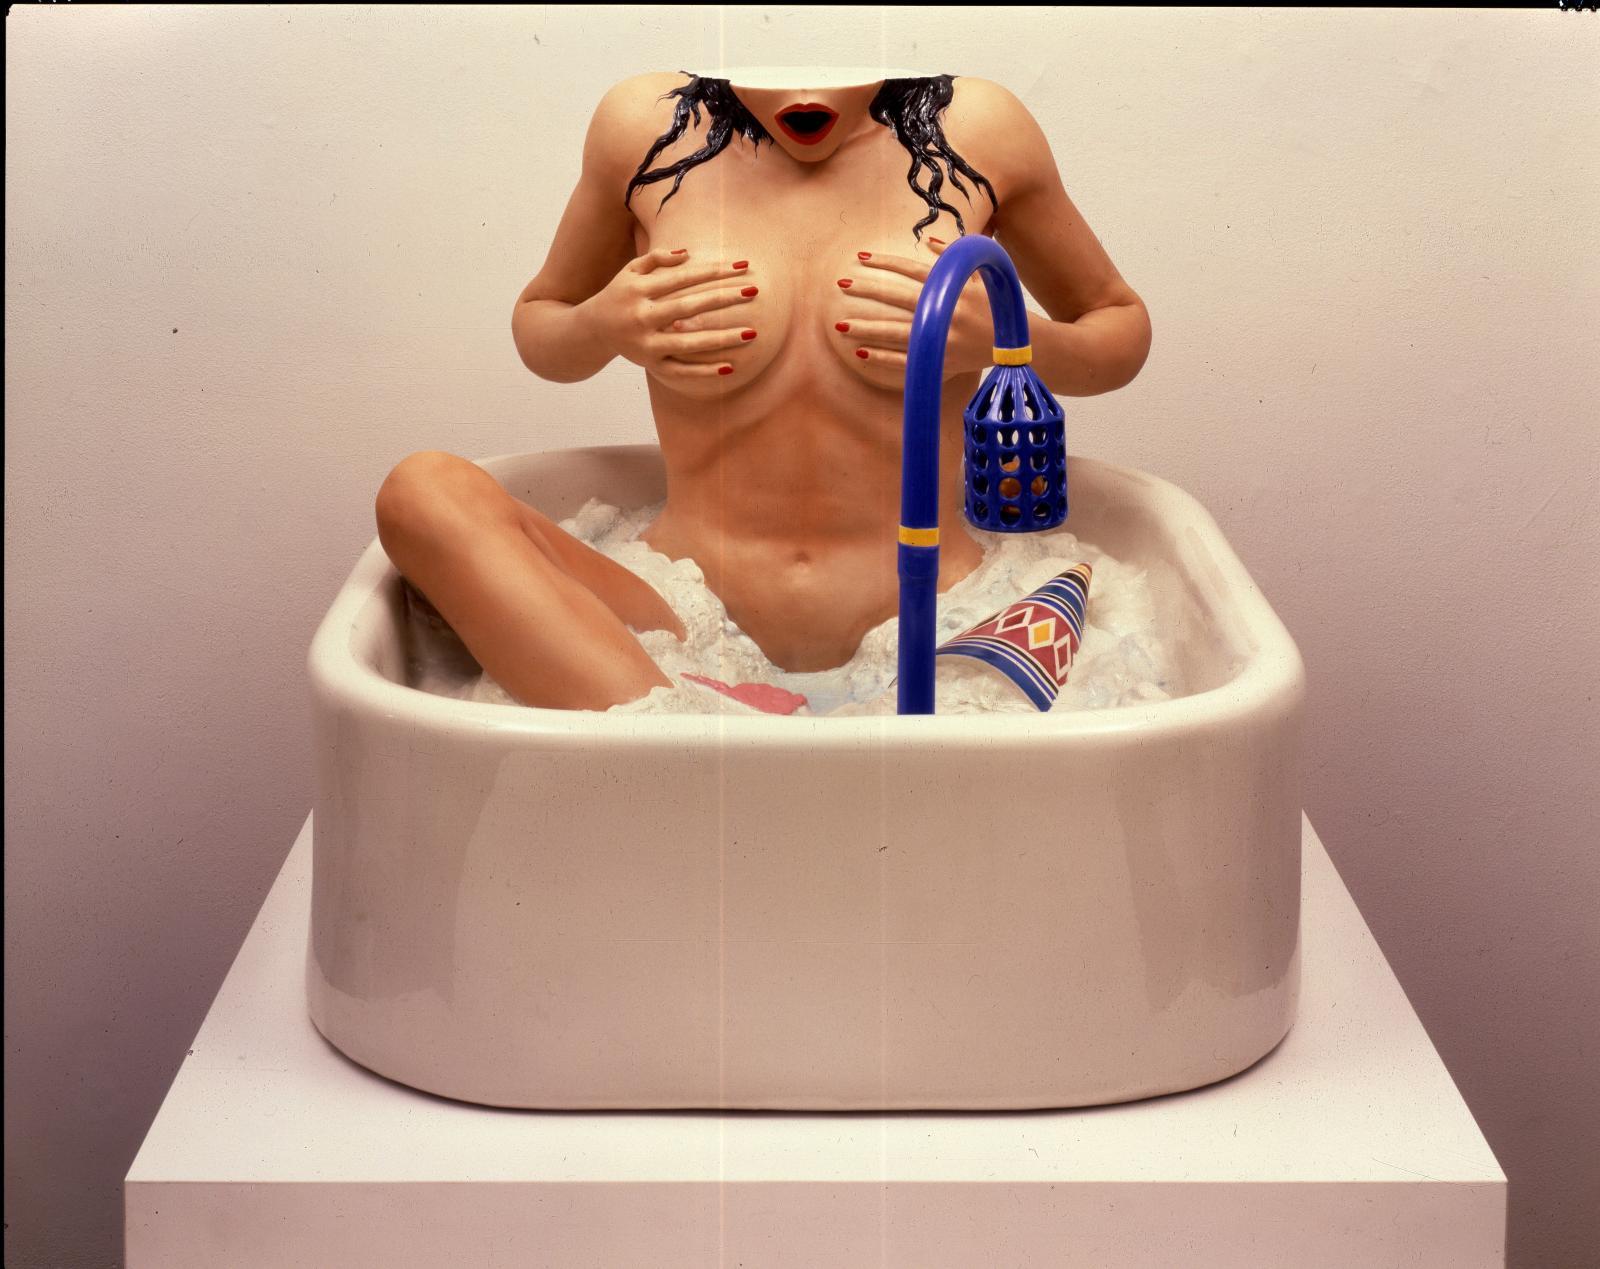 Jeff Koons (né en 1955), Woman in Tub, 1988, porcelaine, 60,3x91,4x68,6cm. Collection Monique Barbier-Mueller. Exposition Biennale Paris 2017. Ph